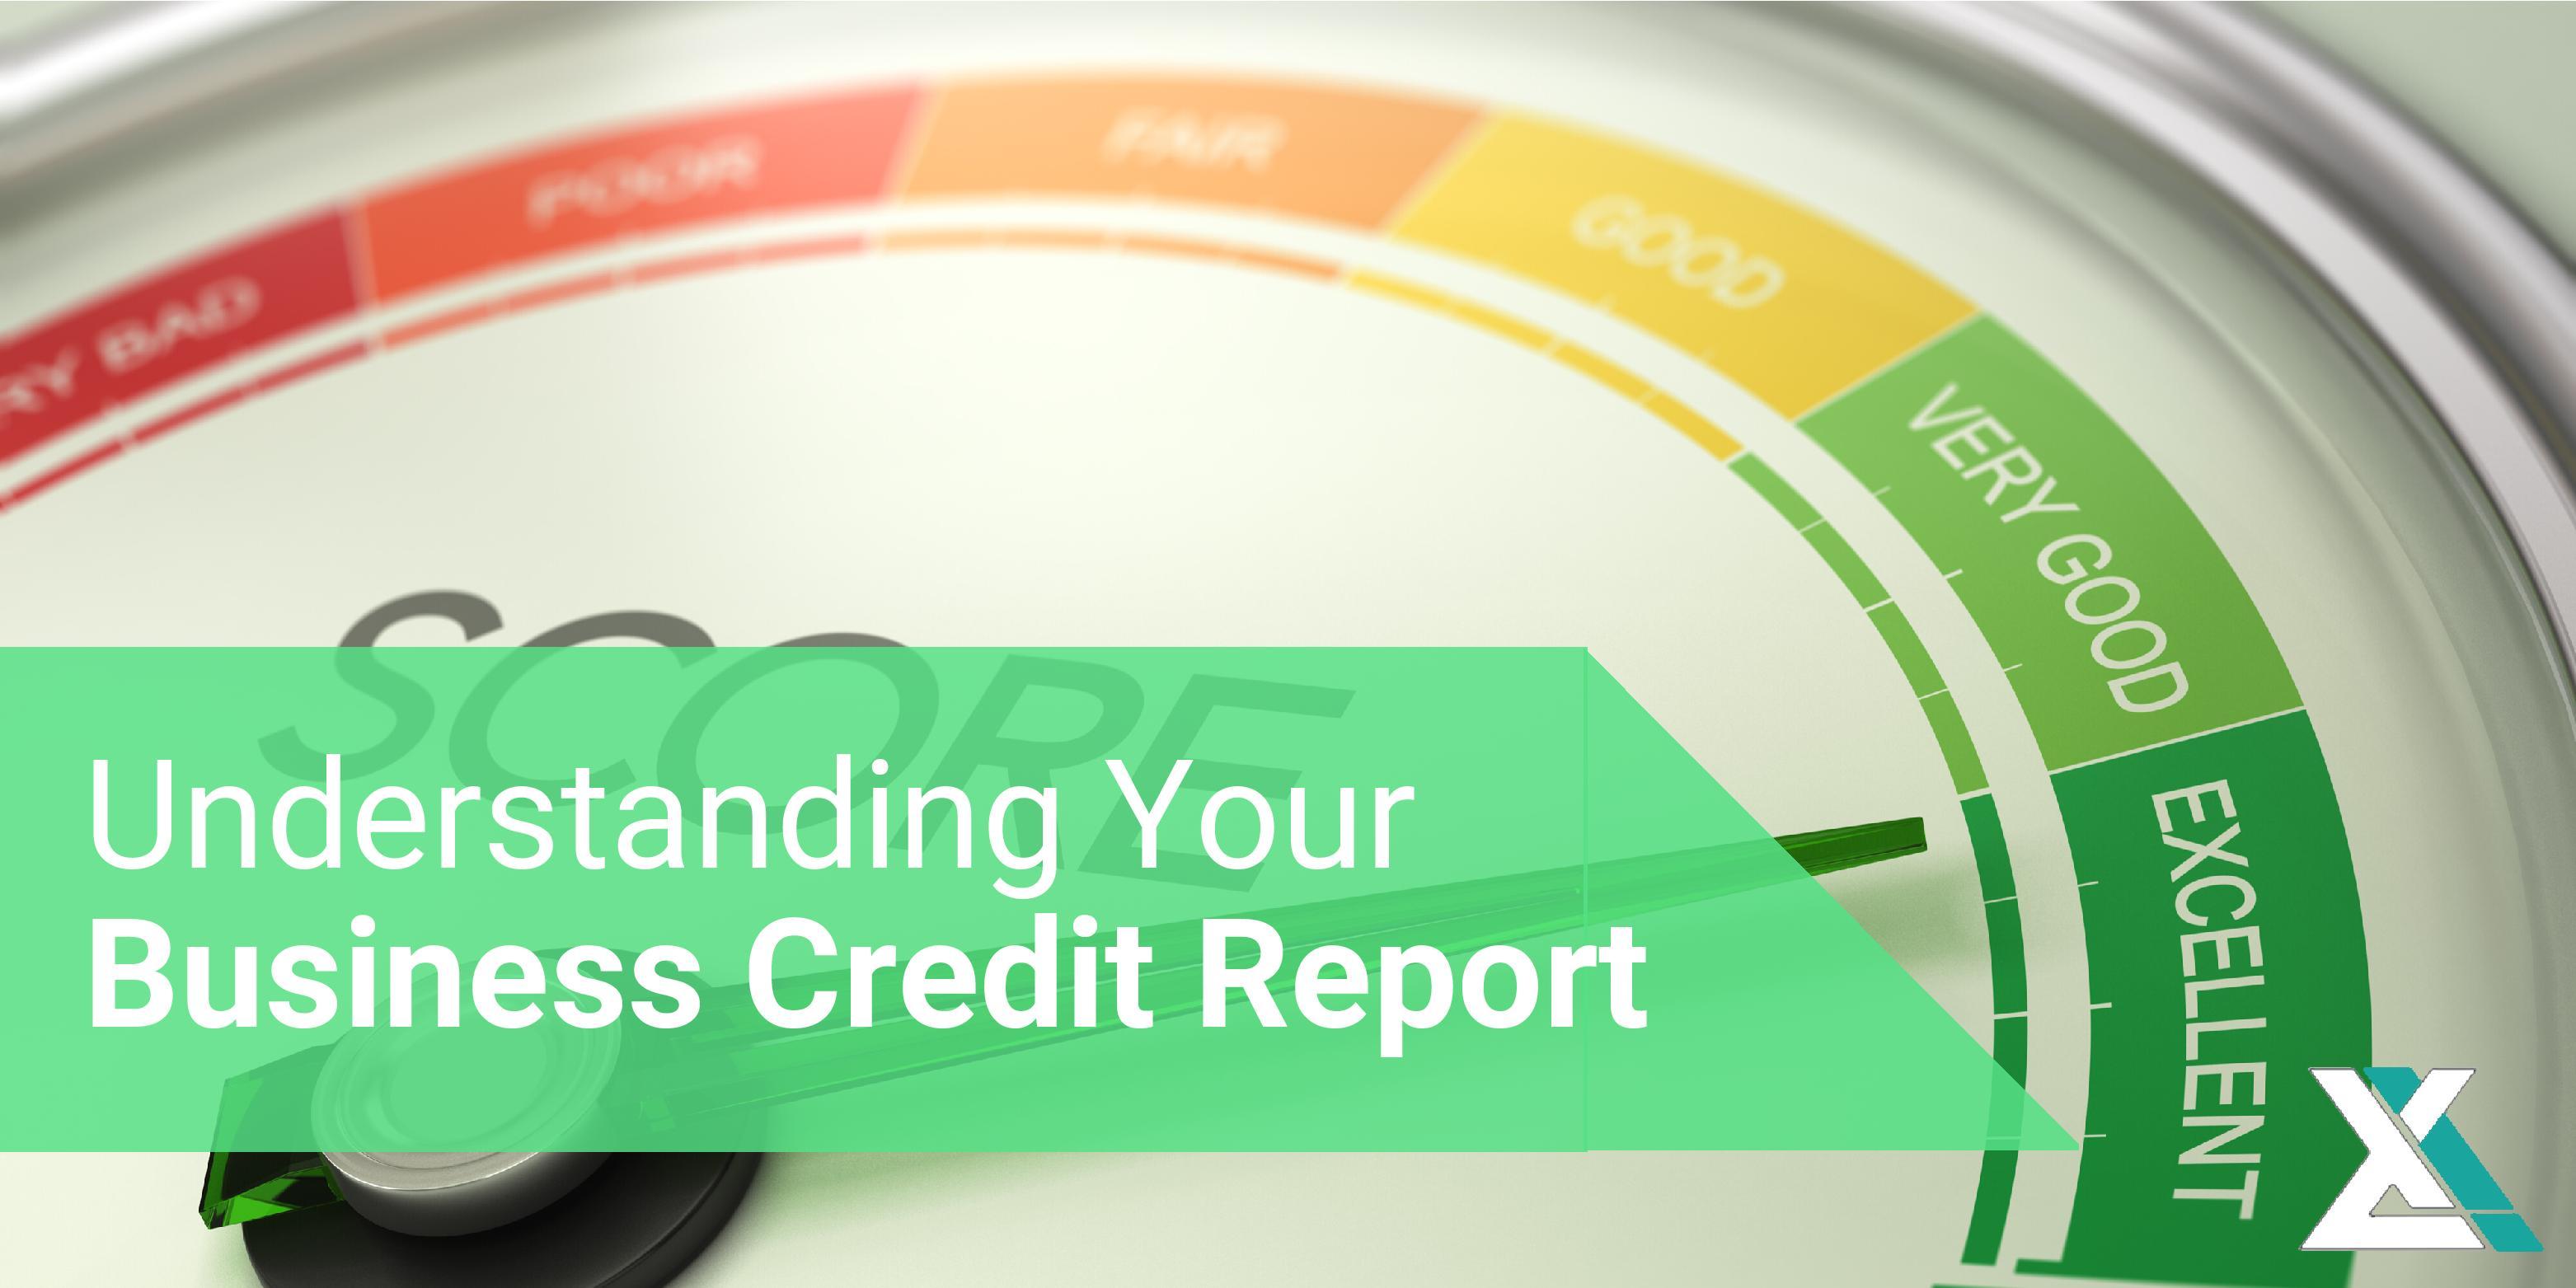 Understanding Your Business Credit Report